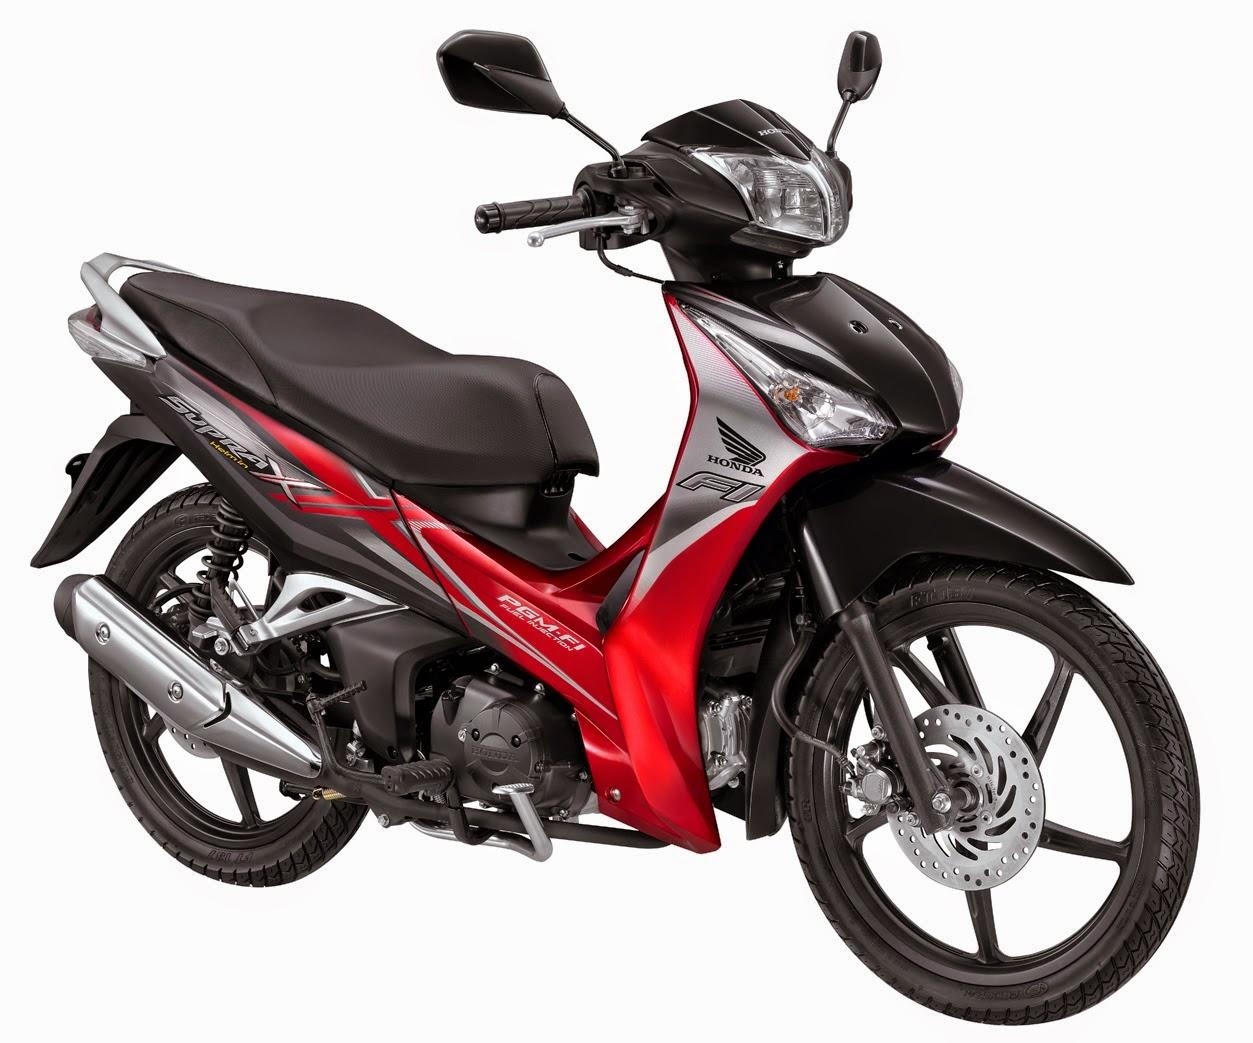 Daftar Harga Honda Supra X 125 Fi Sw Cw Baru Cash Kredit